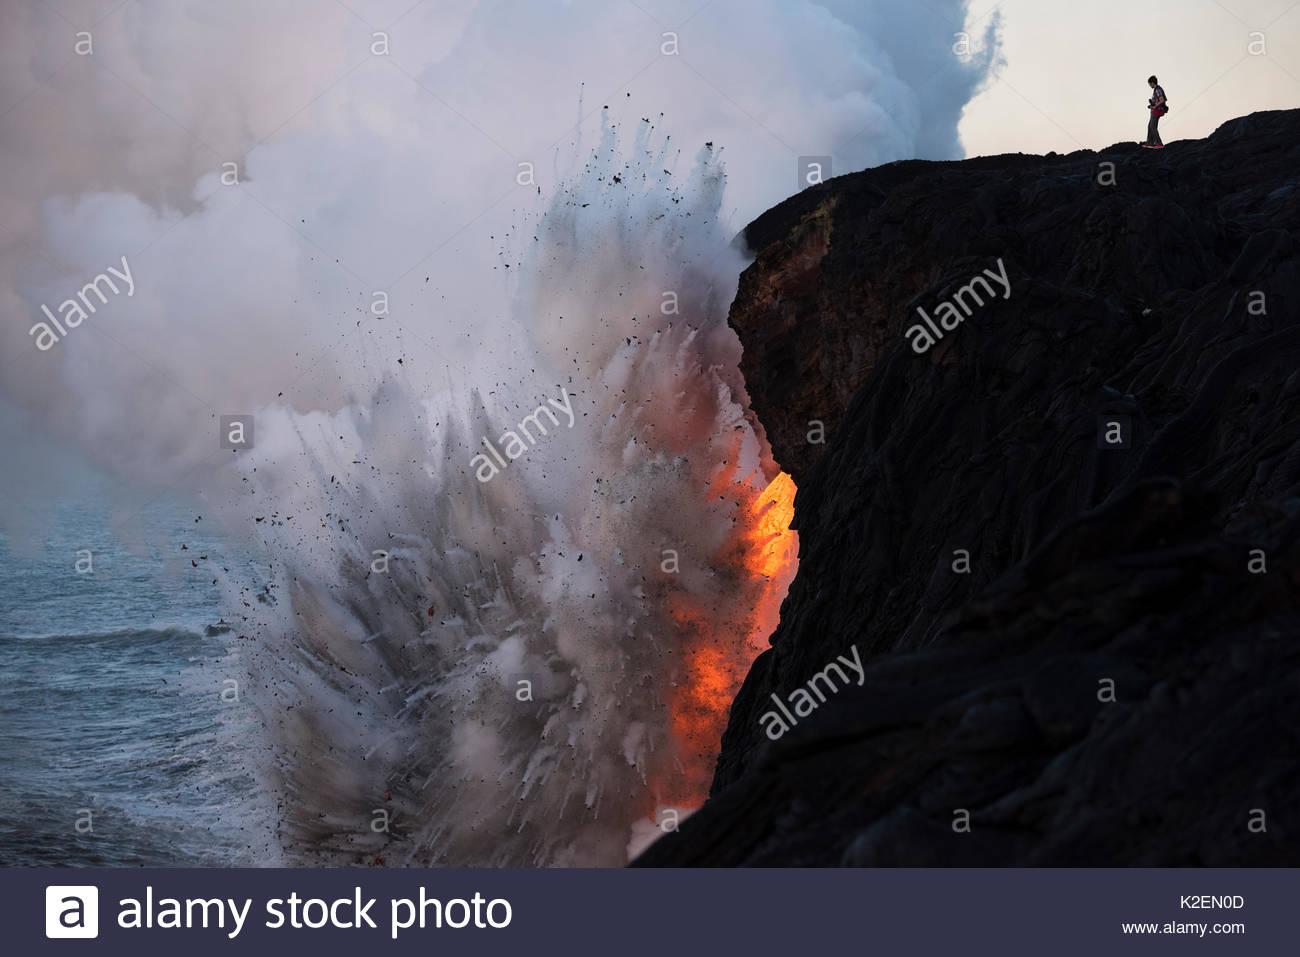 Un randonneur non autorisée dans une zone de restriction s'aventurant sur une falaise instable sur une grotte où de la lave chaude 61G découlent de Kilauea Volcano entre dans l'océan de l'extrémité ouverte d'un tube de lave, tout comme une violente explosion de vapeur chaude jette des pierres ponces sur la falaise, à l'entrée de Kamokuna à Hawaii Volcanoes National Park, la Puna, Hawaii. Janvier 2017. Photo Stock